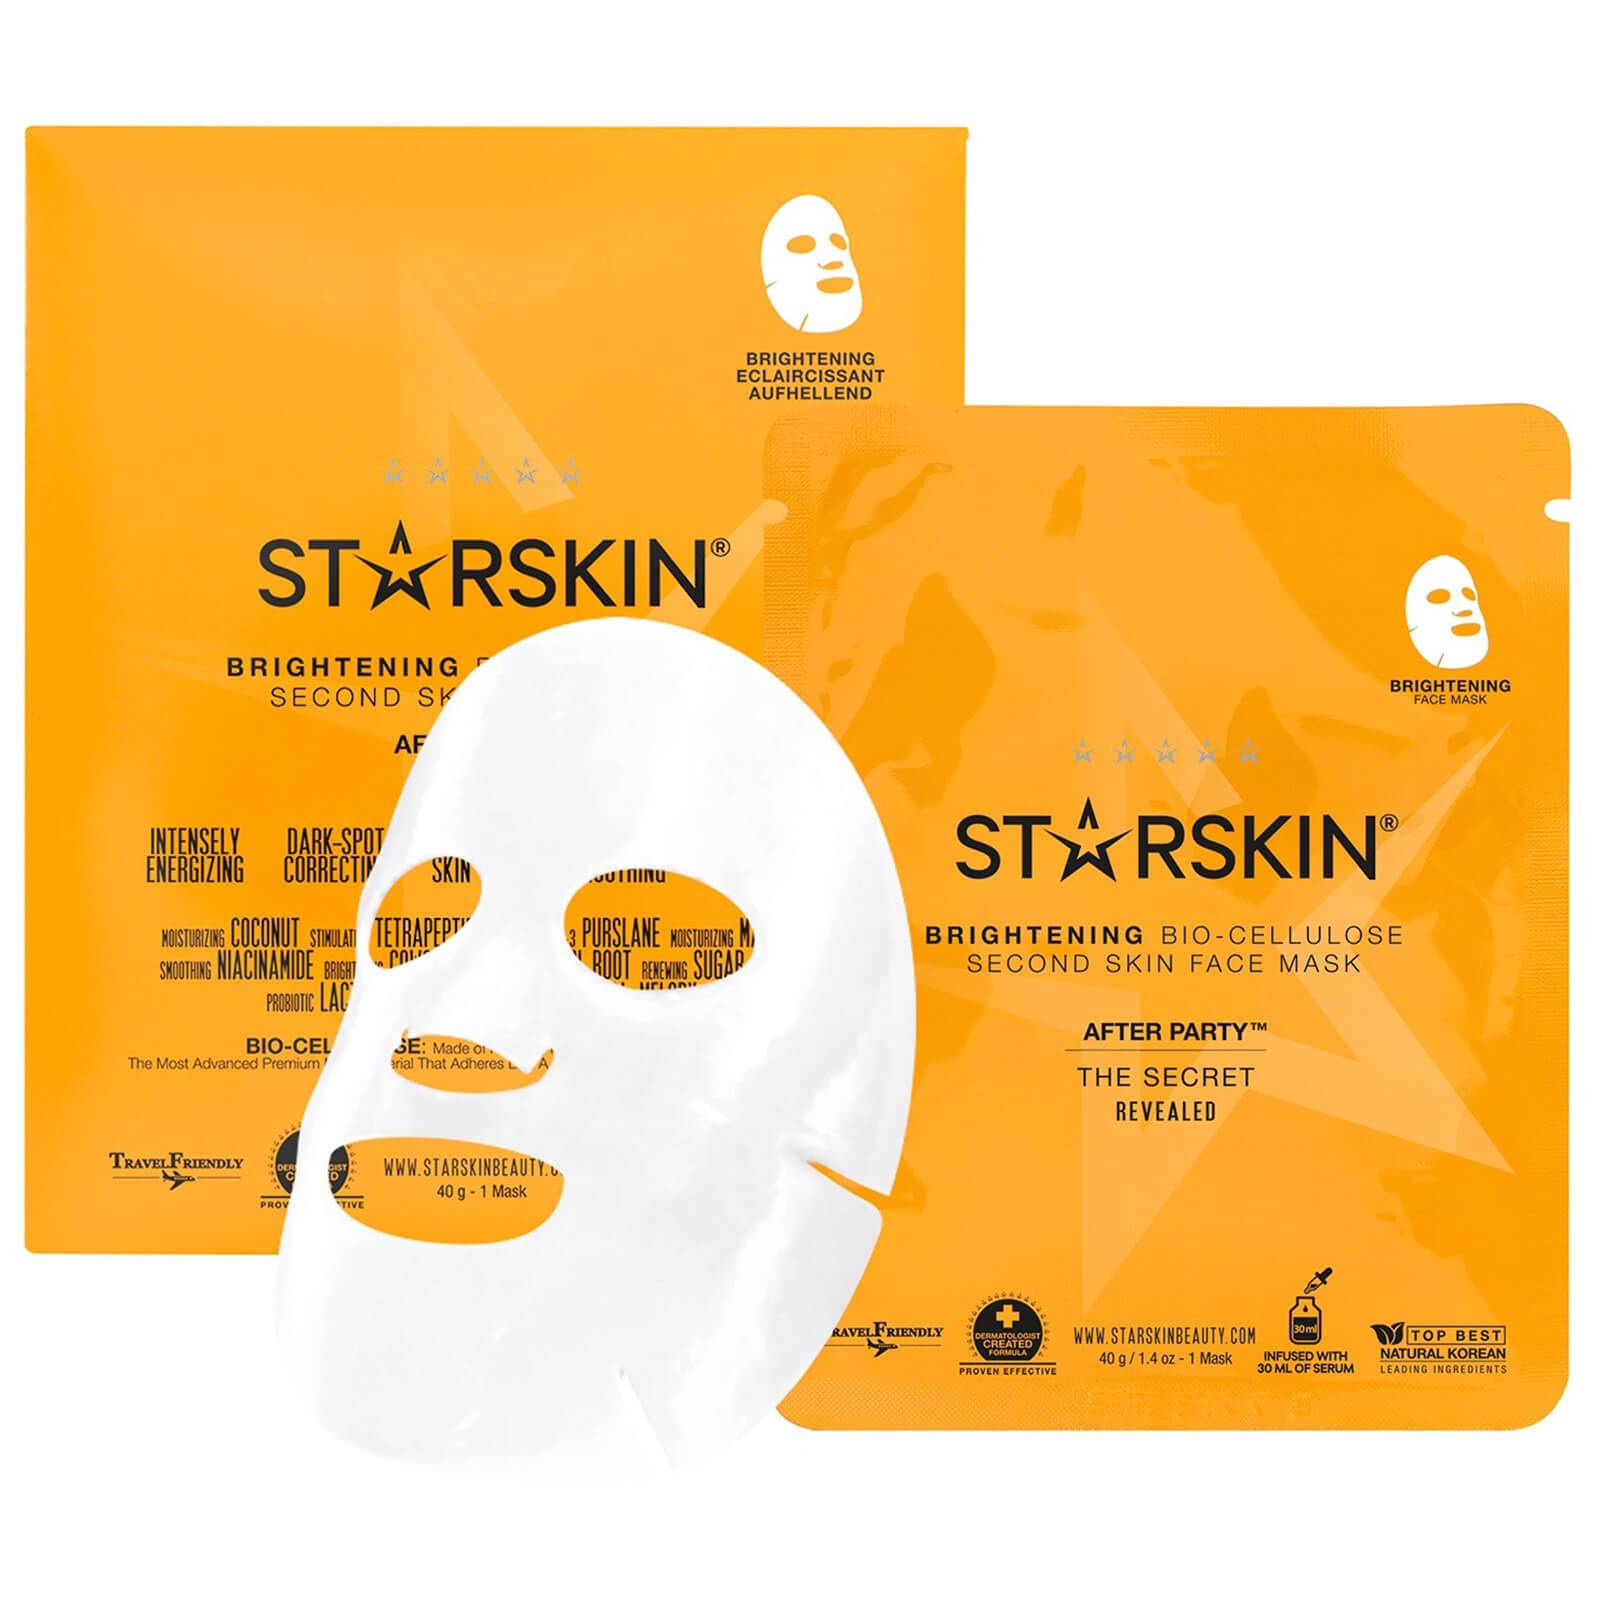 STARSKIN Masque Visage Éclaircissant Seconde Peau Noix de Coco Bio-Cellulose After Party™ STARSKIN